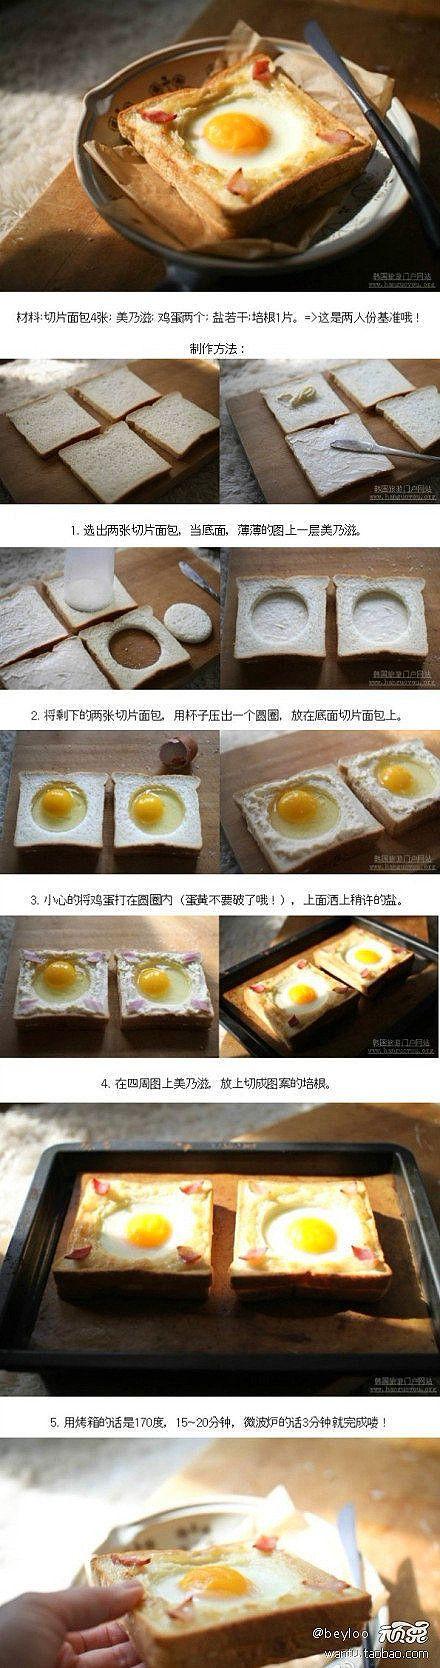 original forma de hacer un huevo frito